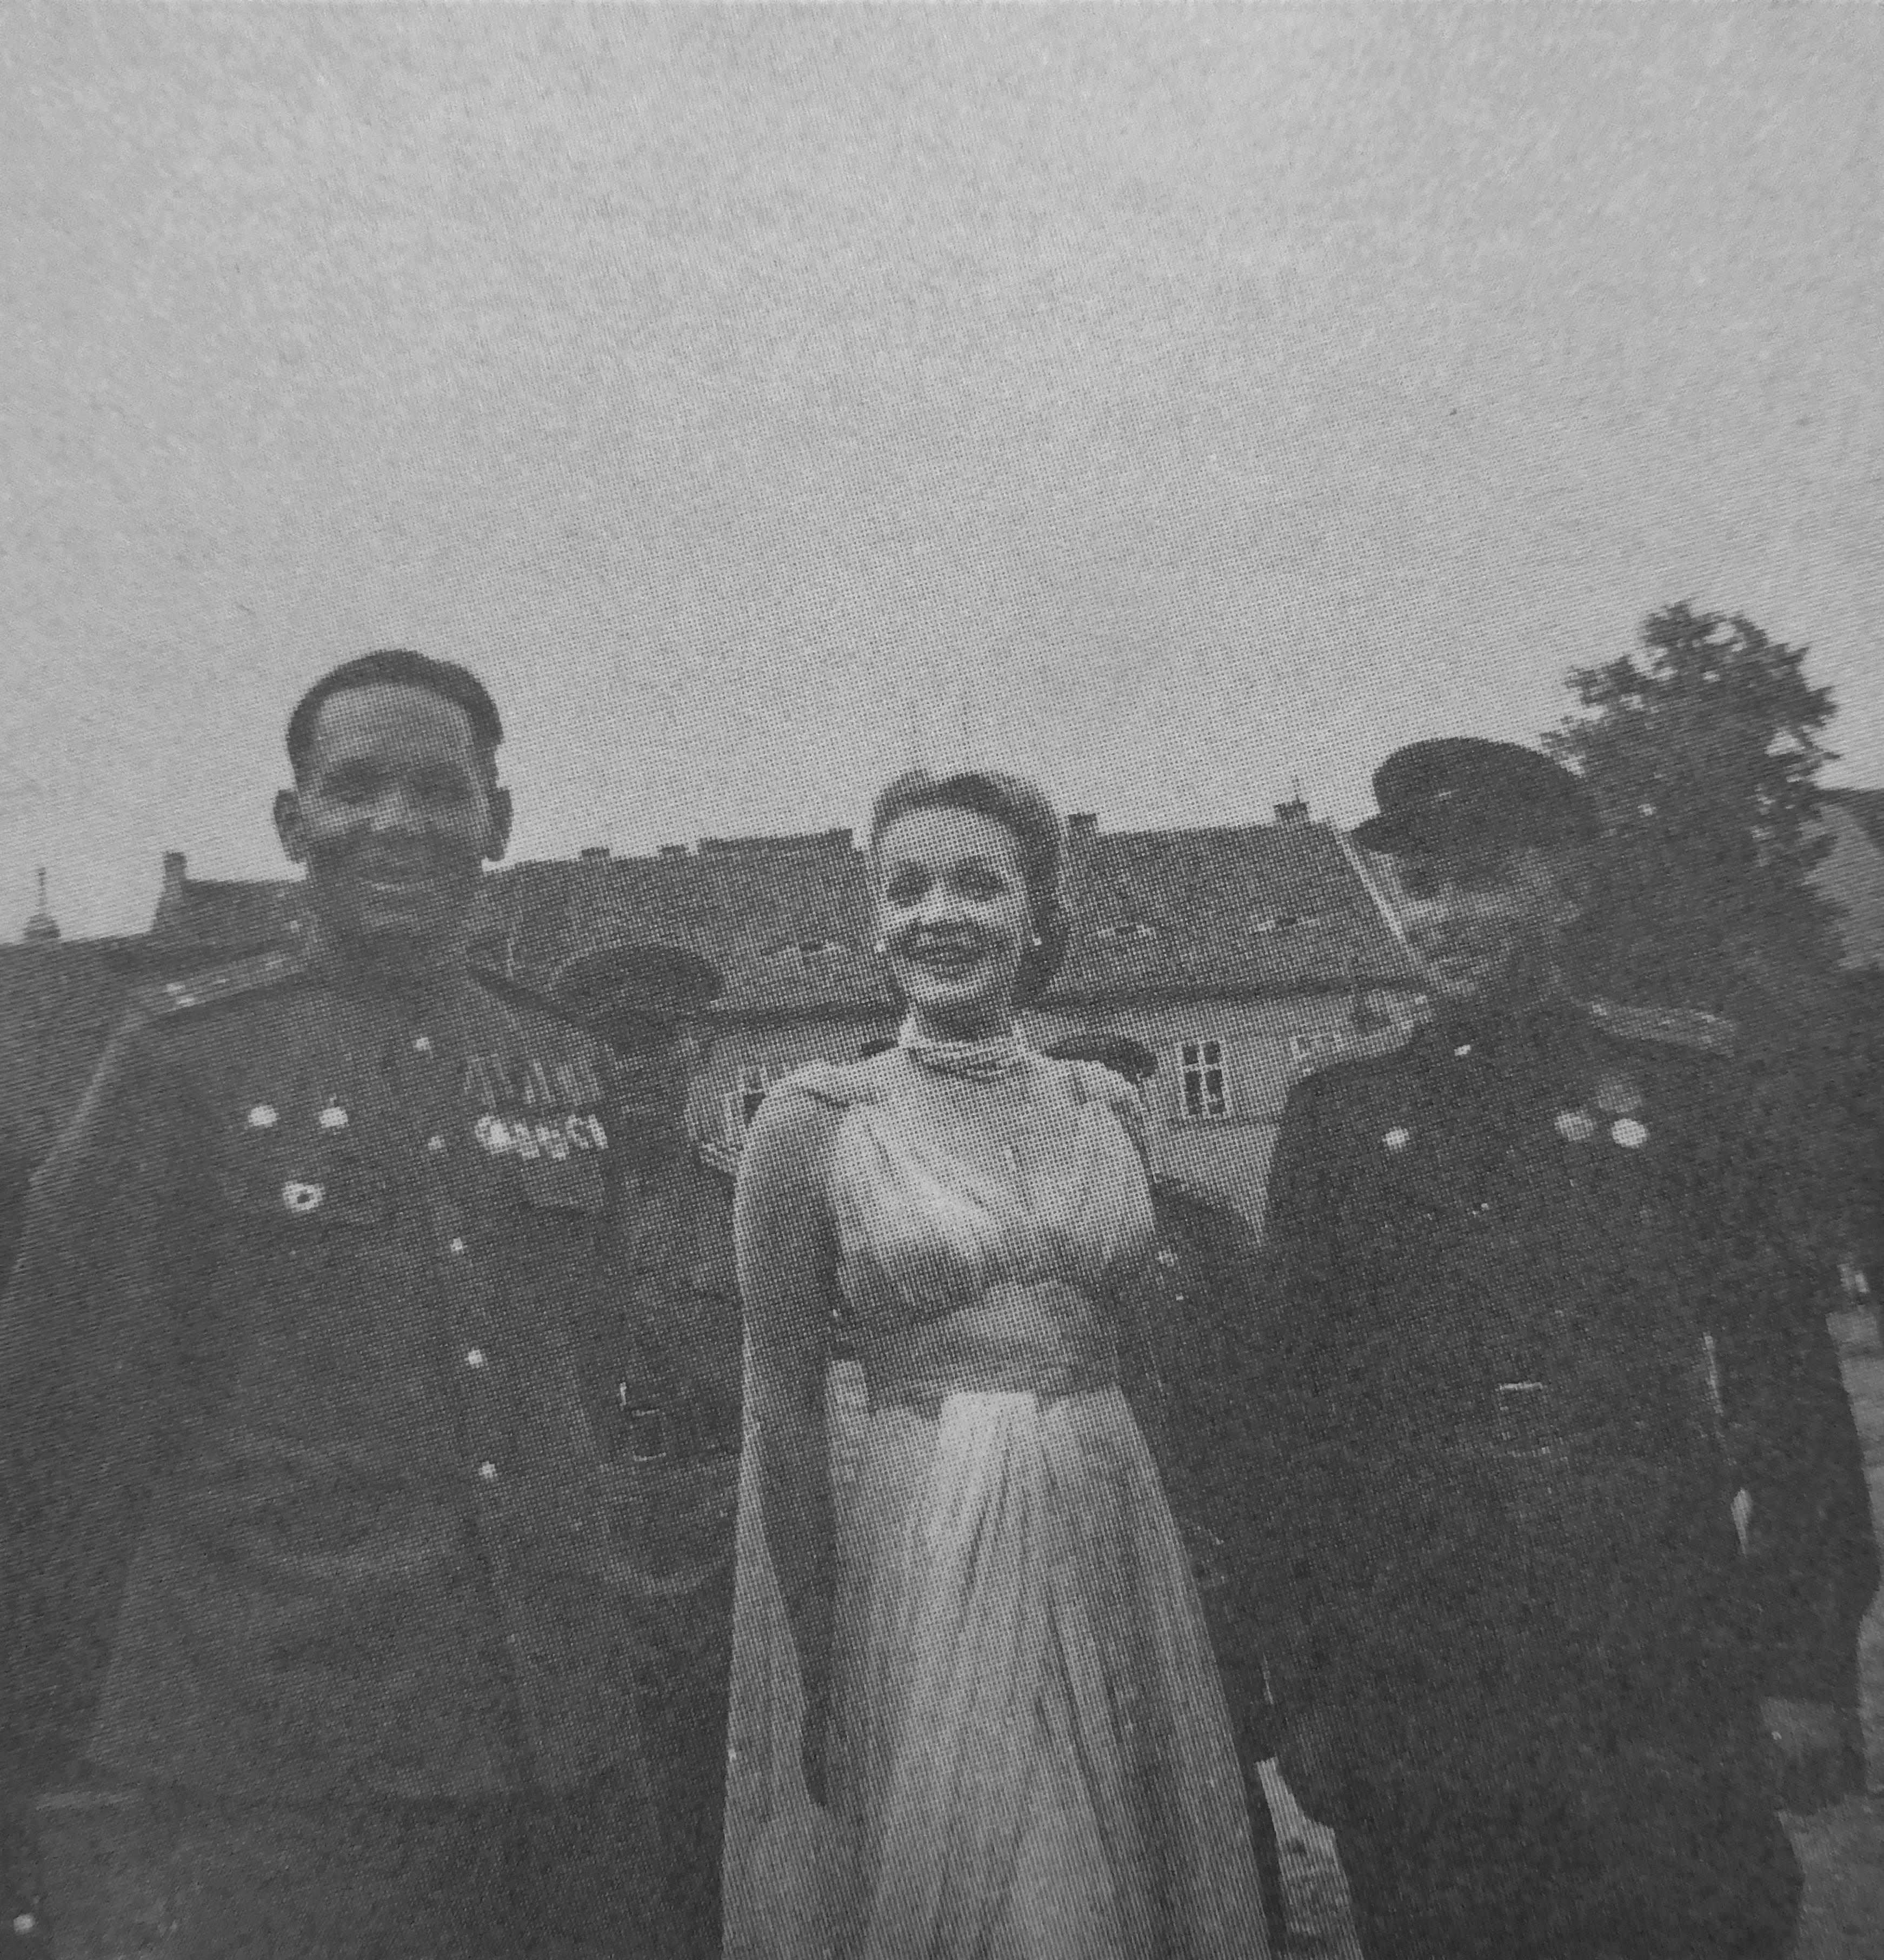 Офицеры Красной Армии и киноактриса Марлен Дитрих на встрече под городом Пльзень